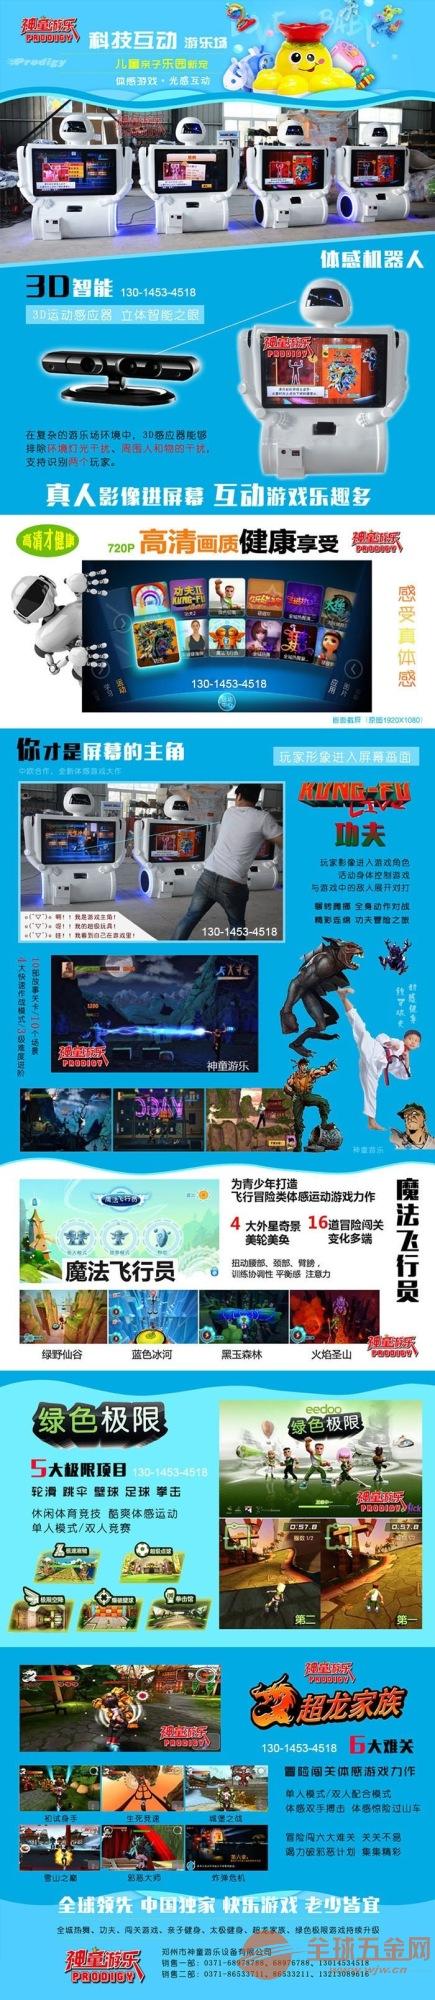 郑州儿童室内电玩游乐设备新型儿童体感机功夫机器人